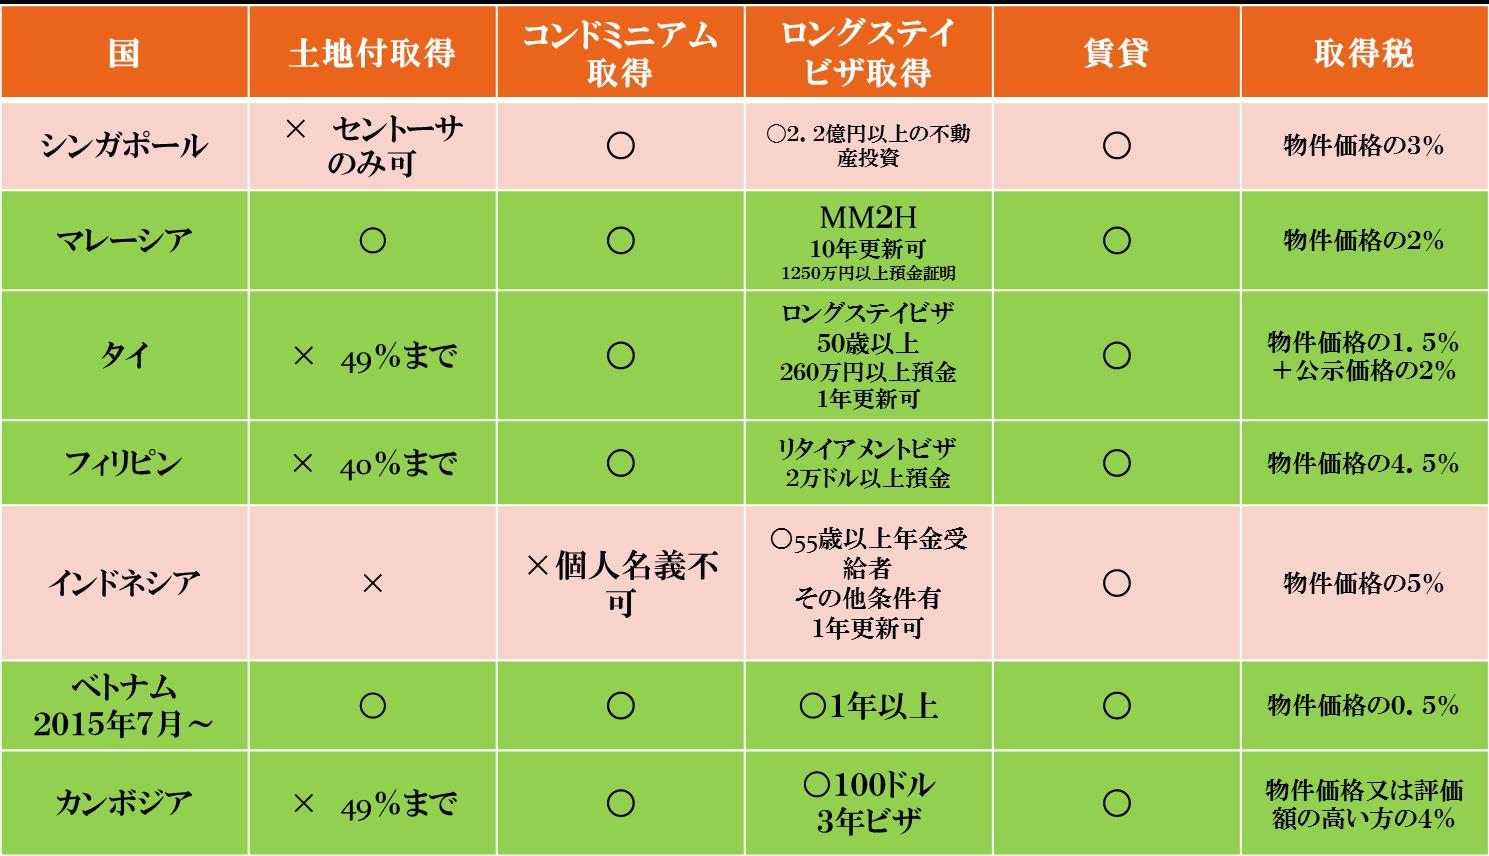 購入条件とビザの関係